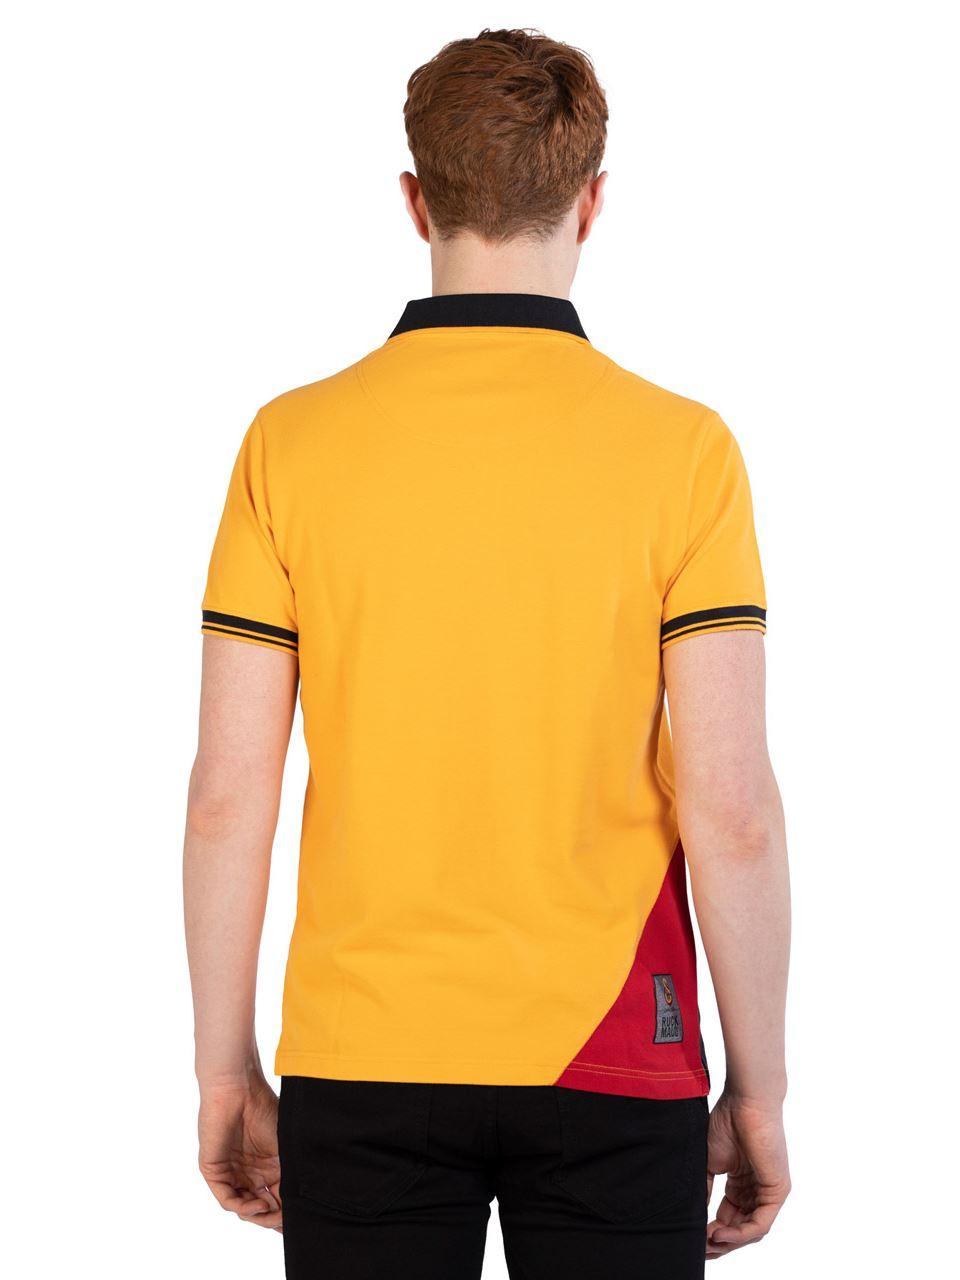 Ruck & Maul Erkek Polo T-shirt 21156